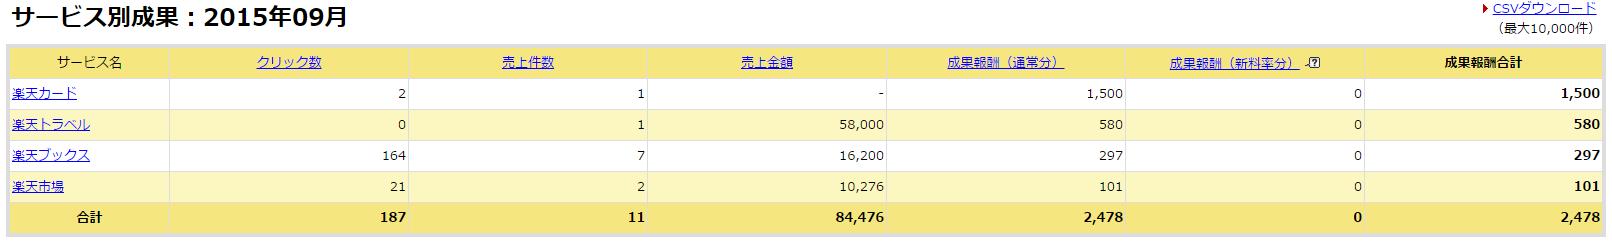 楽天アフィリエイトの成果(2015年9月)